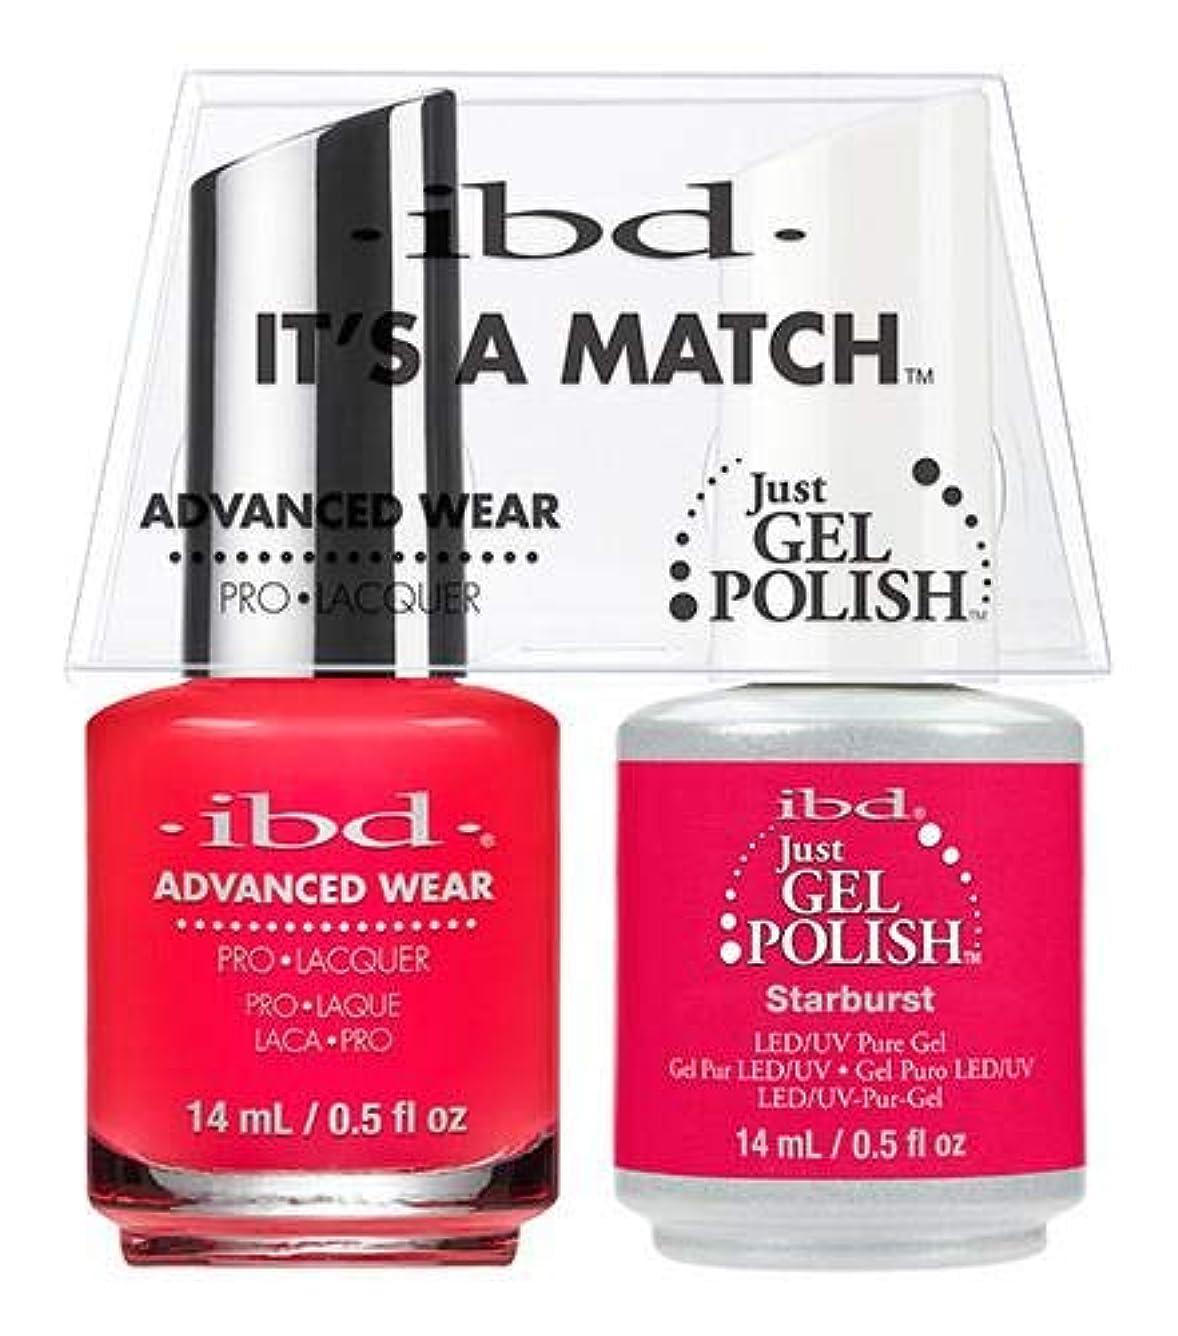 しょっぱいブランド名層IBD Advanced Wear -